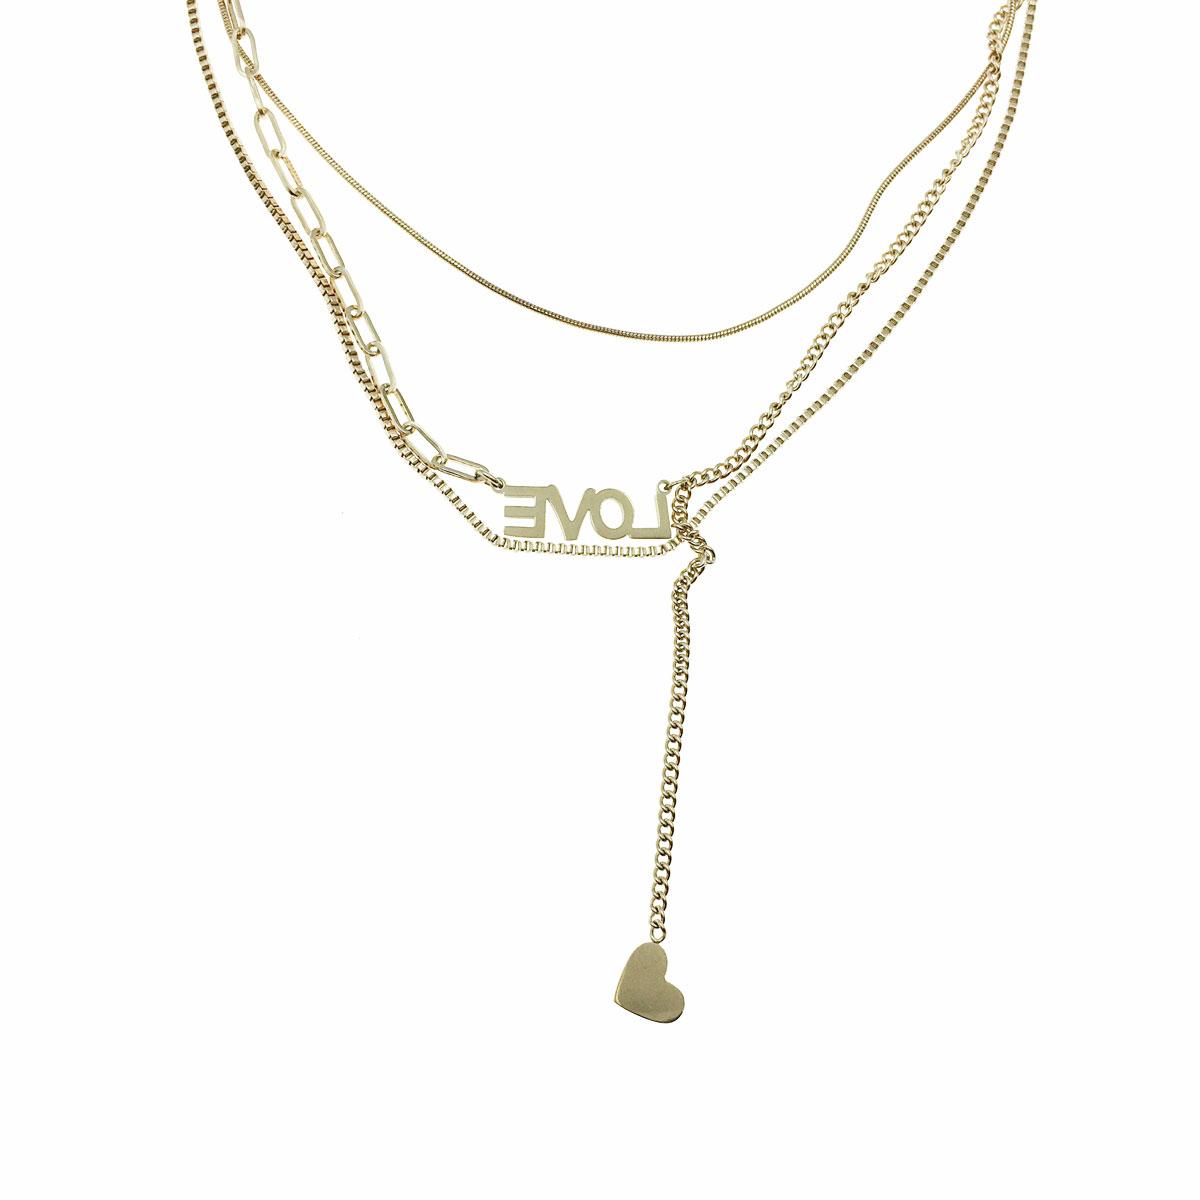 韓國 不銹鋼 love 鎖骨鍊 短鍊 項鍊 飾品